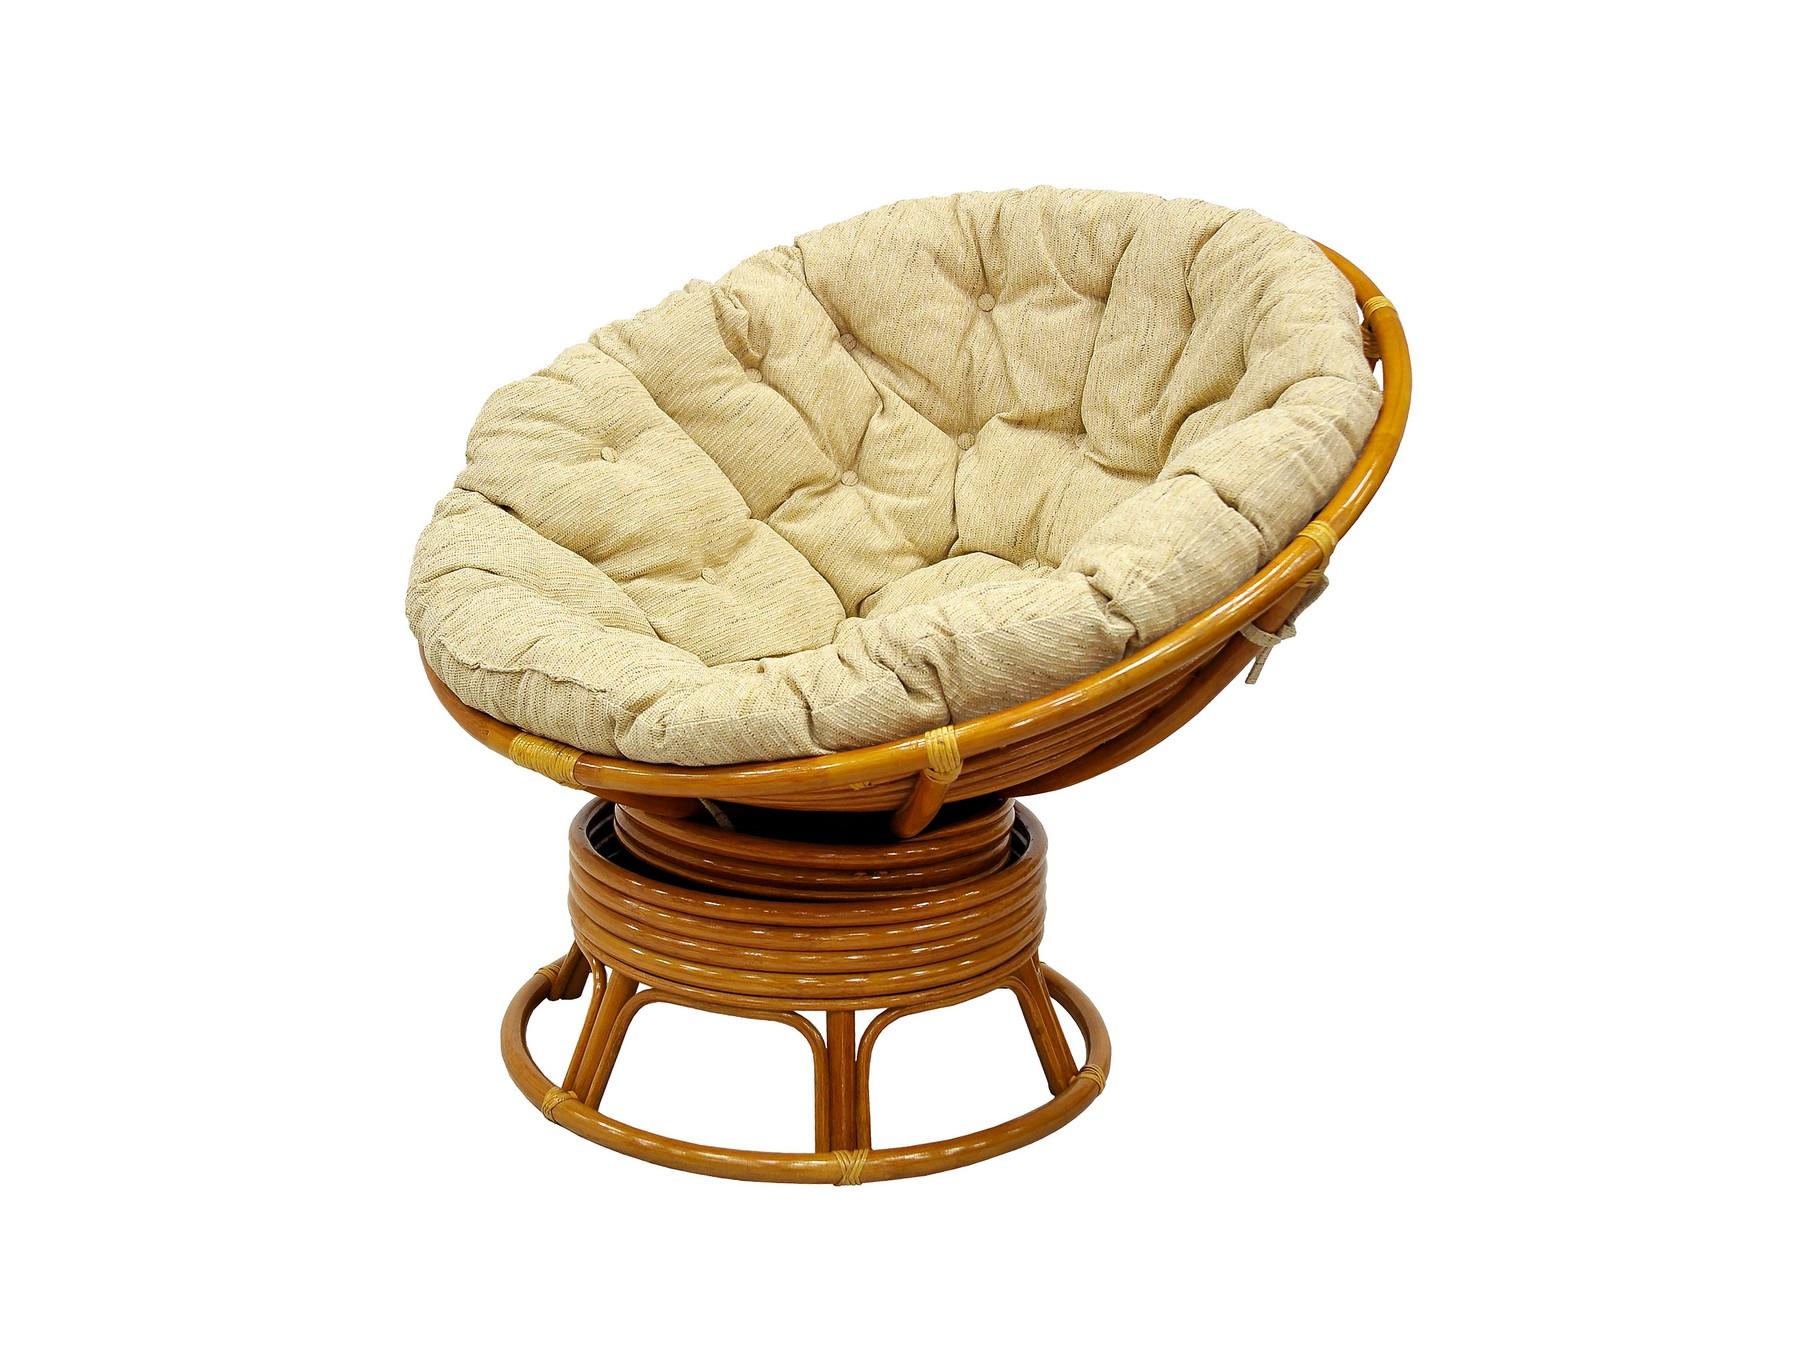 Кресло механическое PapasanКресла-качалки<br>В кресло встроен специальный механизм с пружинами. Благодаря ему вы можете равномерно покачиваться и поворачиваться не вставая с кресла. Кресло Папасан выдерживает большой вес, оставаясь при этом легким и прочным. Кресло Папасан идеально подходит при кормлении ребенка.&amp;amp;nbsp;&amp;lt;div&amp;gt;&amp;lt;br&amp;gt;&amp;lt;/div&amp;gt;&amp;lt;div&amp;gt;Цвет:  коньячный&amp;lt;/div&amp;gt;&amp;lt;div&amp;gt;Материал подушки: рогожка /  шенилл&amp;lt;/div&amp;gt;&amp;lt;div&amp;gt;Вес, кг:  18&amp;lt;/div&amp;gt;&amp;lt;div&amp;gt;Особенности: сборно-разборное, качается и вращается на 360 градусов&amp;lt;/div&amp;gt;&amp;lt;div&amp;gt;Выдерживаемая нагрузка, кг:  120&amp;lt;/div&amp;gt;<br><br>Material: Ротанг<br>Width см: 115<br>Depth см: 101<br>Height см: 95